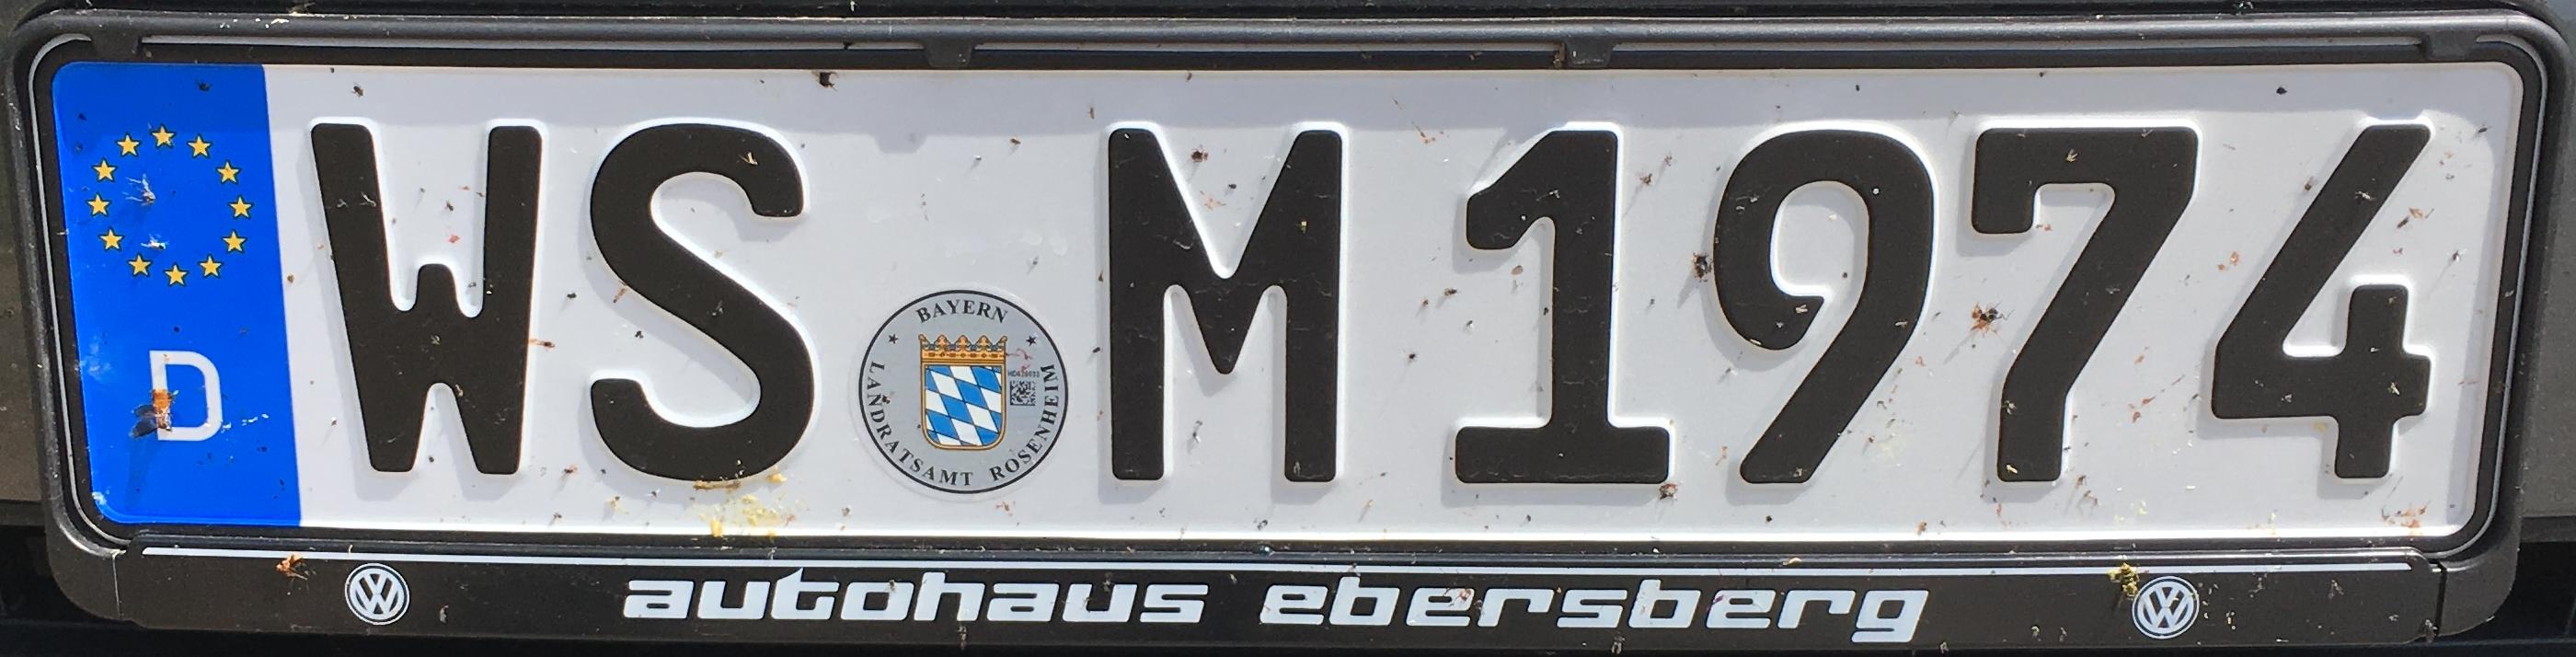 Registrační značky Německo - WS - Wasserburg am Inn, foto: www.podalnici.cz